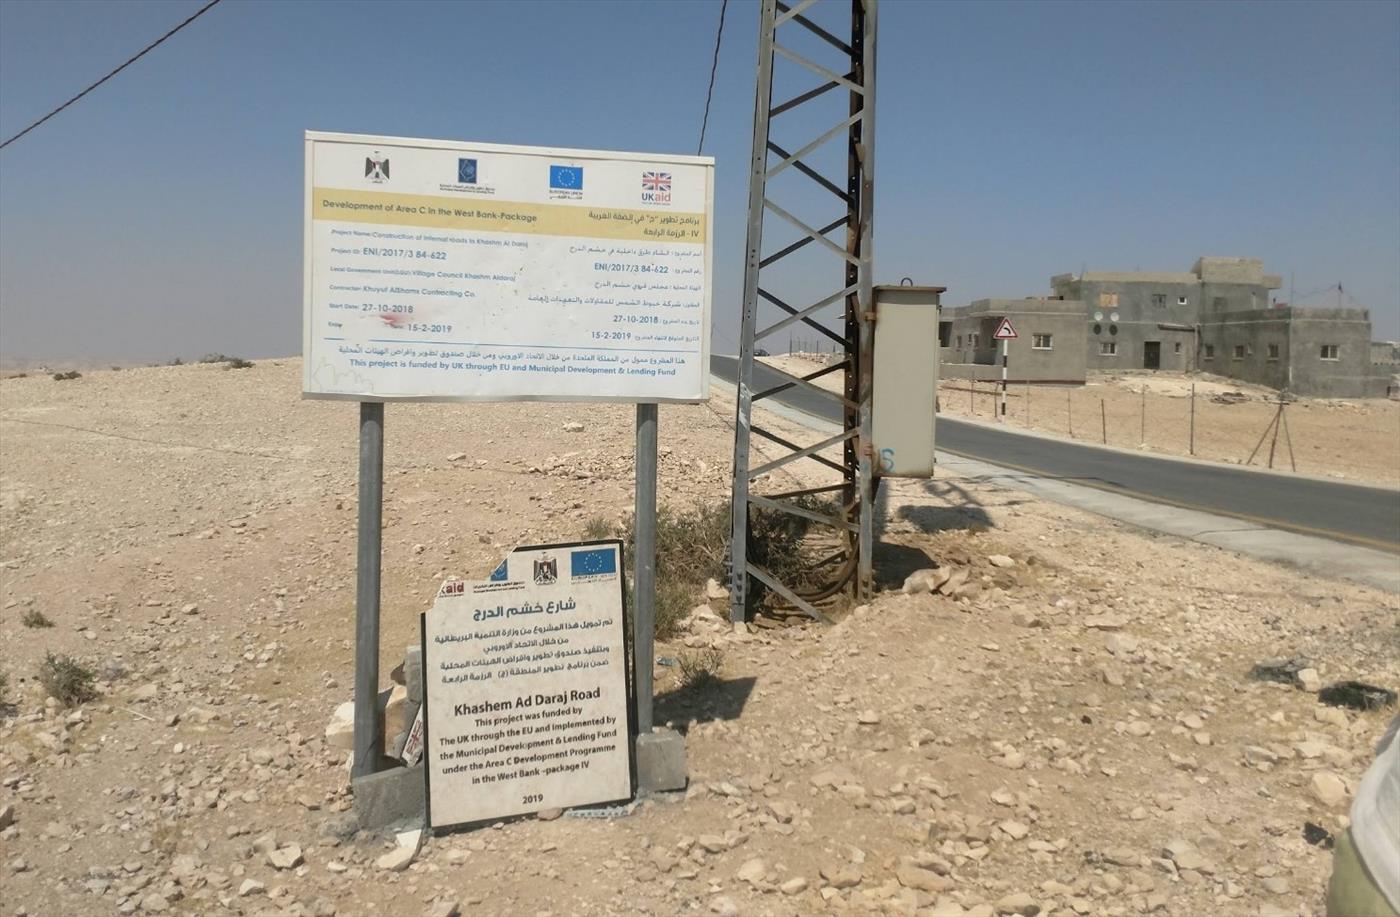 """שלטי חסות של האיחוד האירופי בבנייה בלתי חוקית בשטחי אימונים של צה""""ל (רגבים)"""